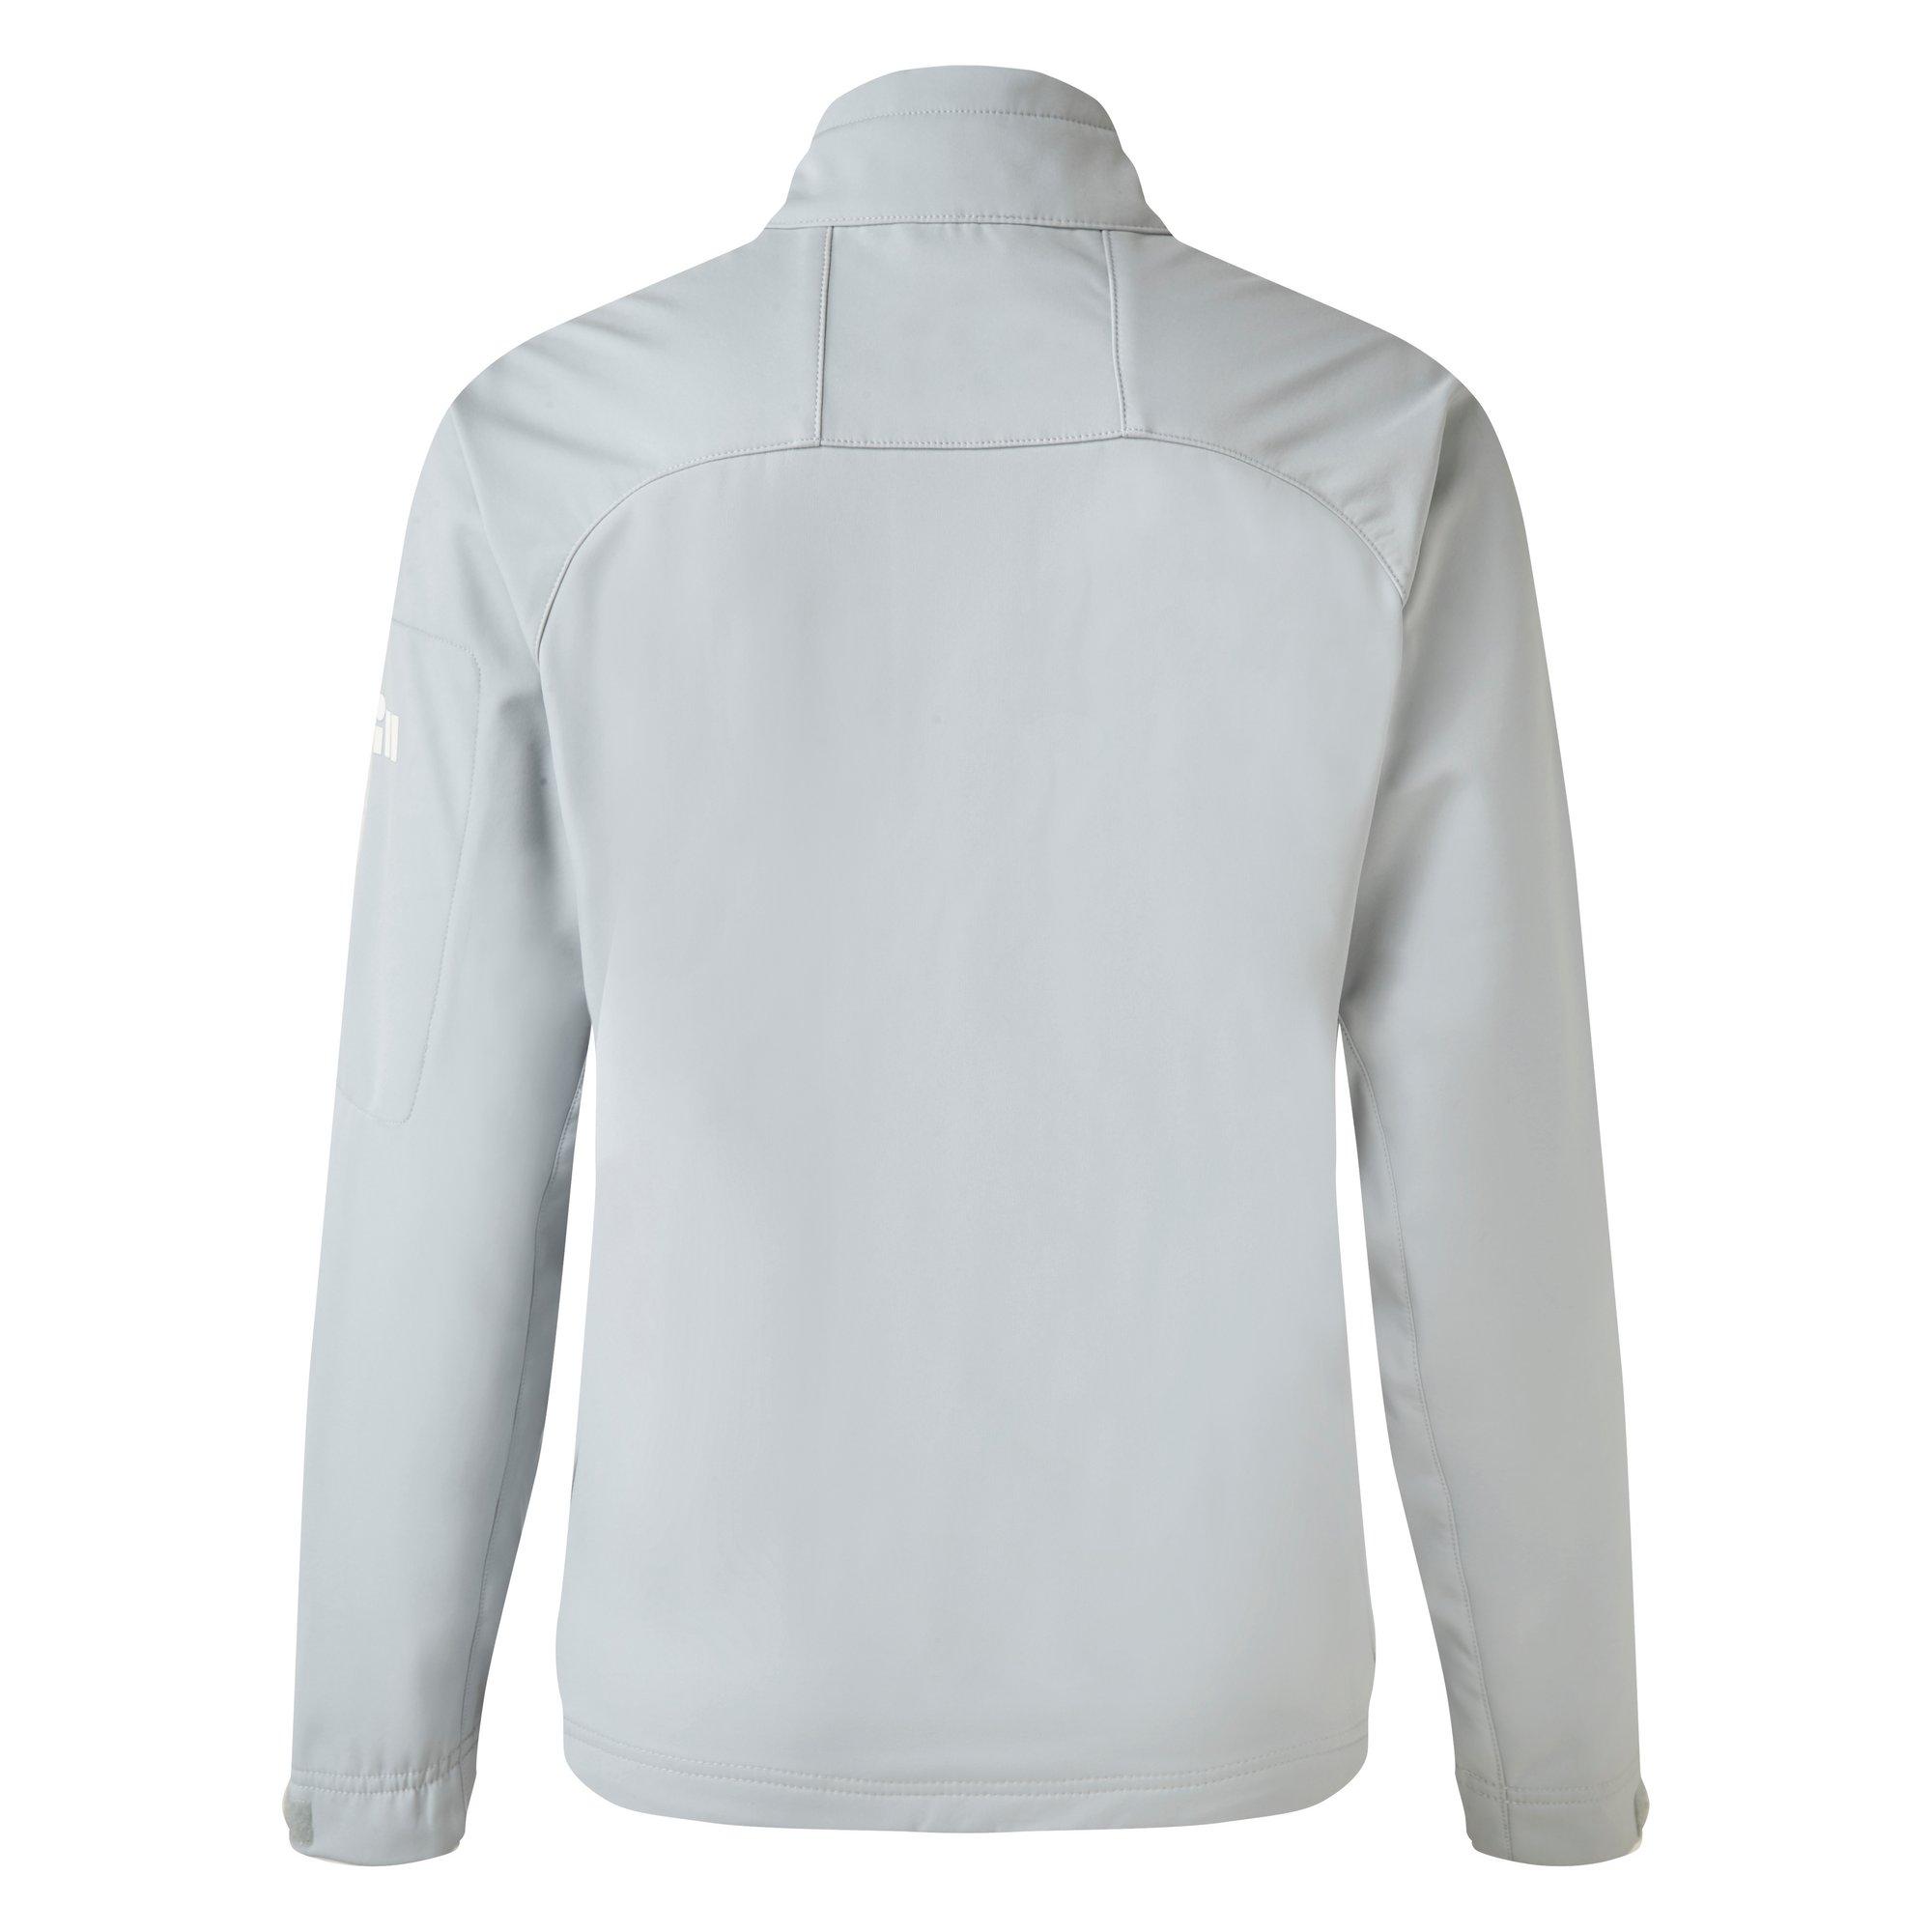 Men's Team Softshell Jacket - 1614W-GRE14-2.jpg